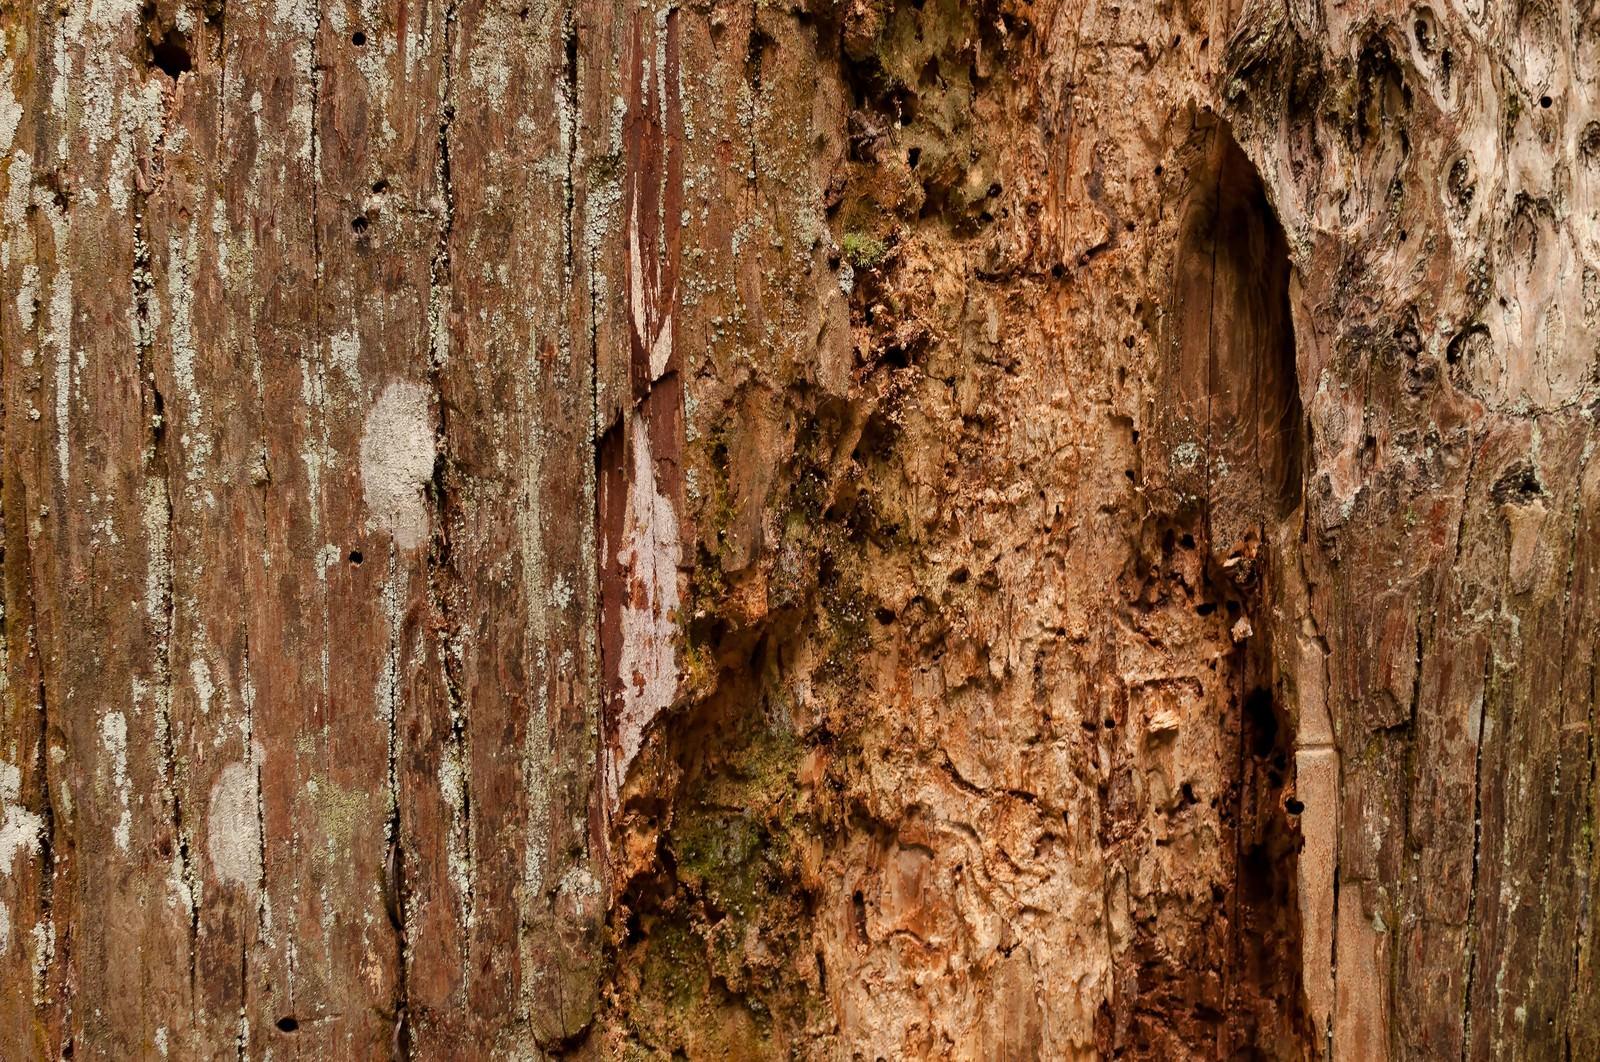 「えぐられた樹の幹(テクスチャー)」の写真